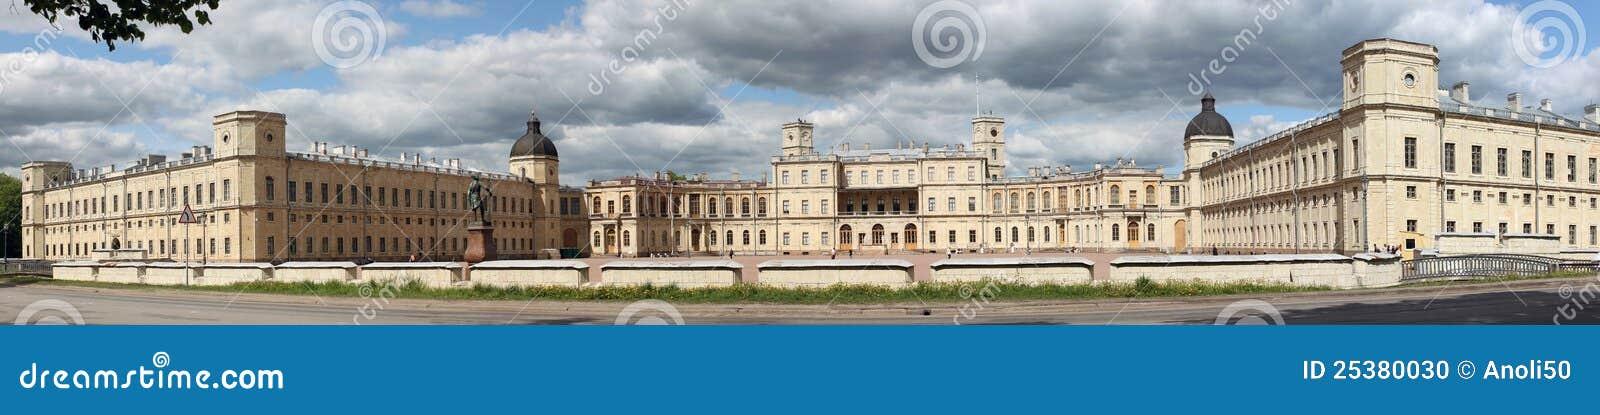 Panorama do palácio